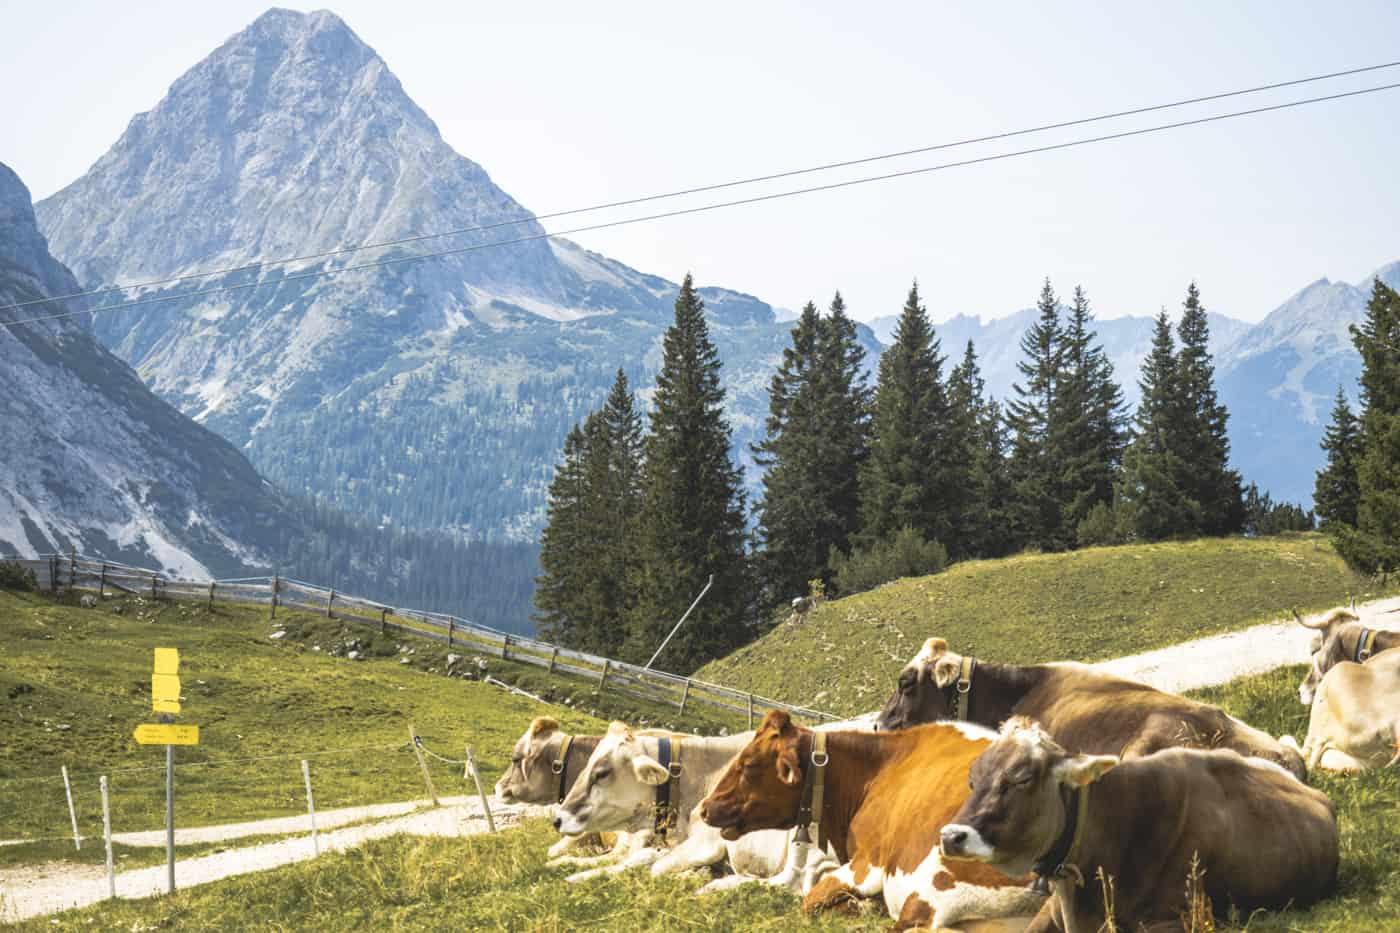 Lermoos - die schönsten Wanderungen & Ausflugsziele in der Zugspitz Region #5 - Zugspitz Tour von Ehrwald